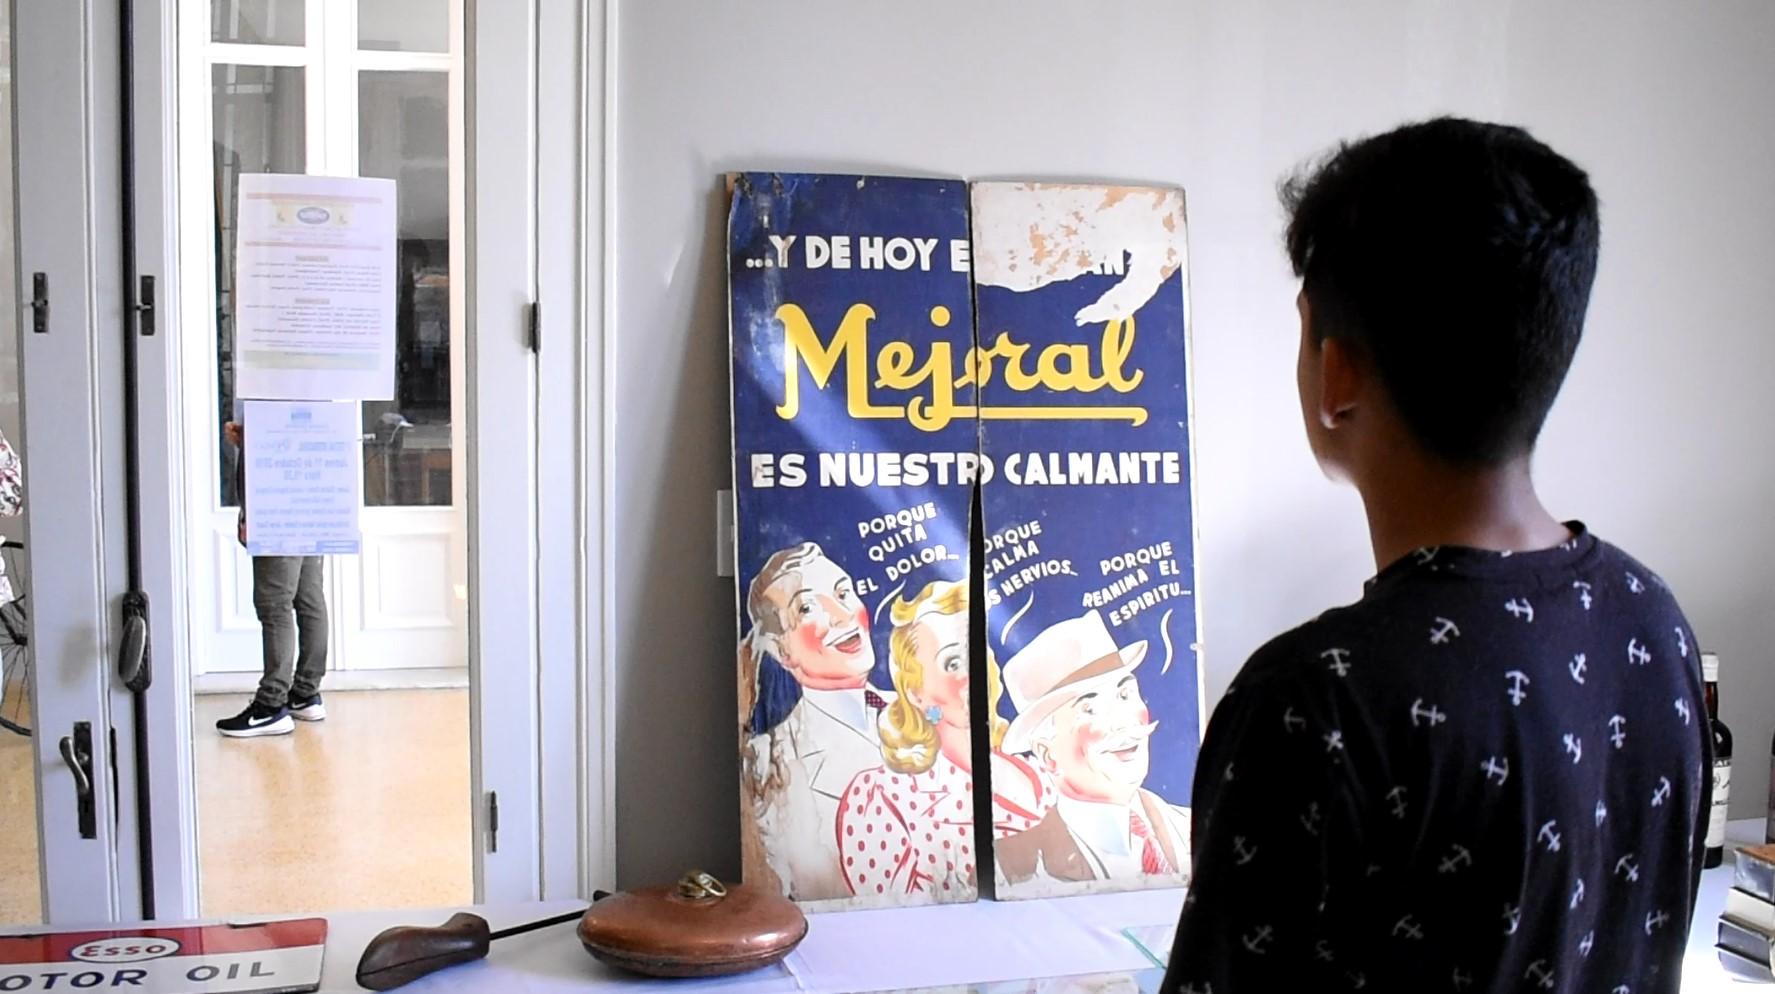 Foto: Carlos Loría - LARED21